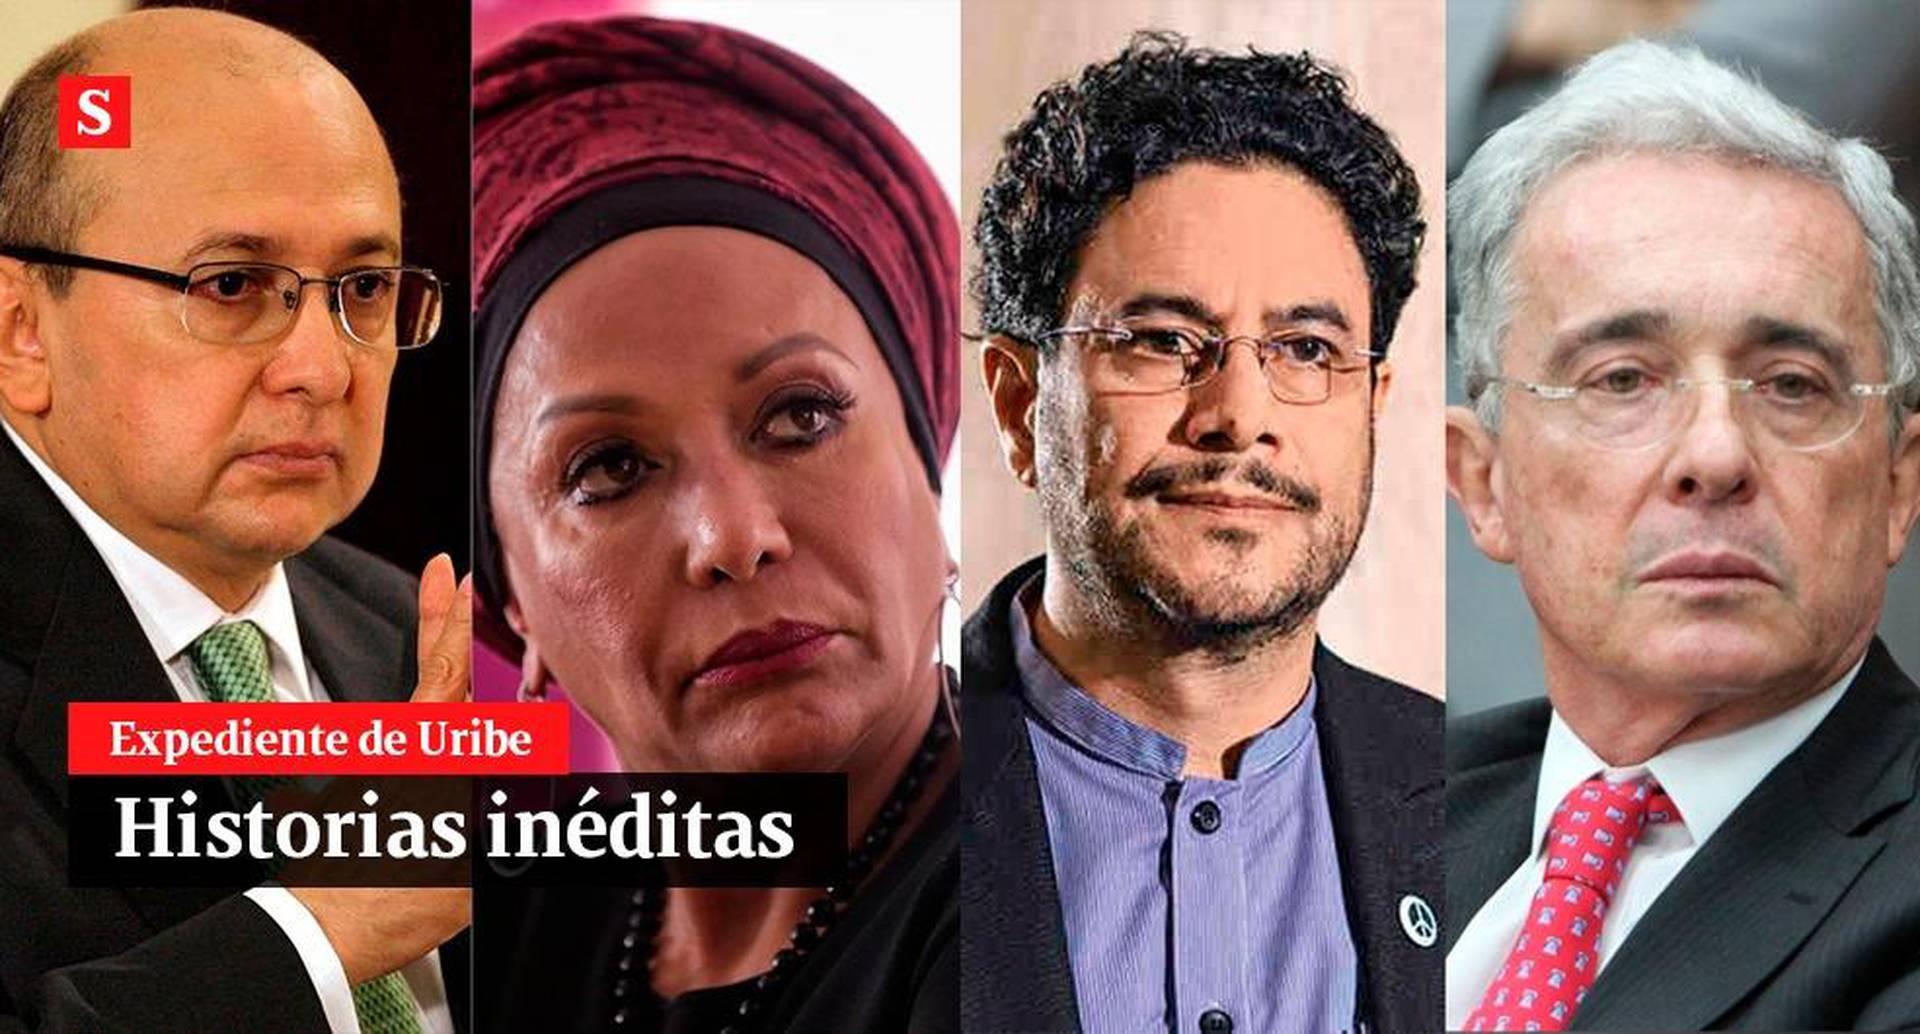 Eduardo Montealegre, Piedad Córdoba, Iván Cepeda y Álvaro Uribe